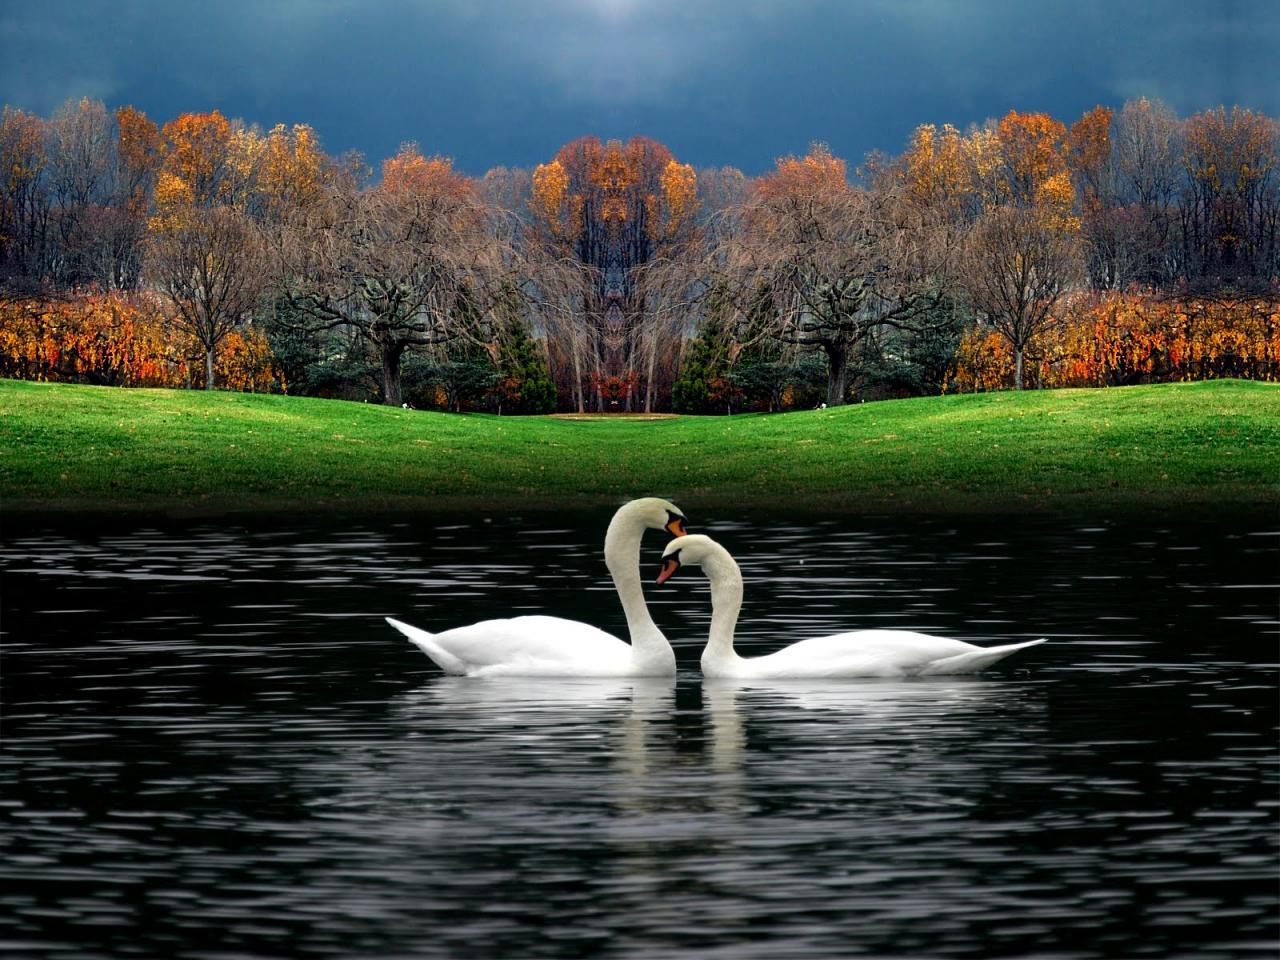 صورة صور مناظر جميله , منظر يريح النظر و يعطى امل جديد